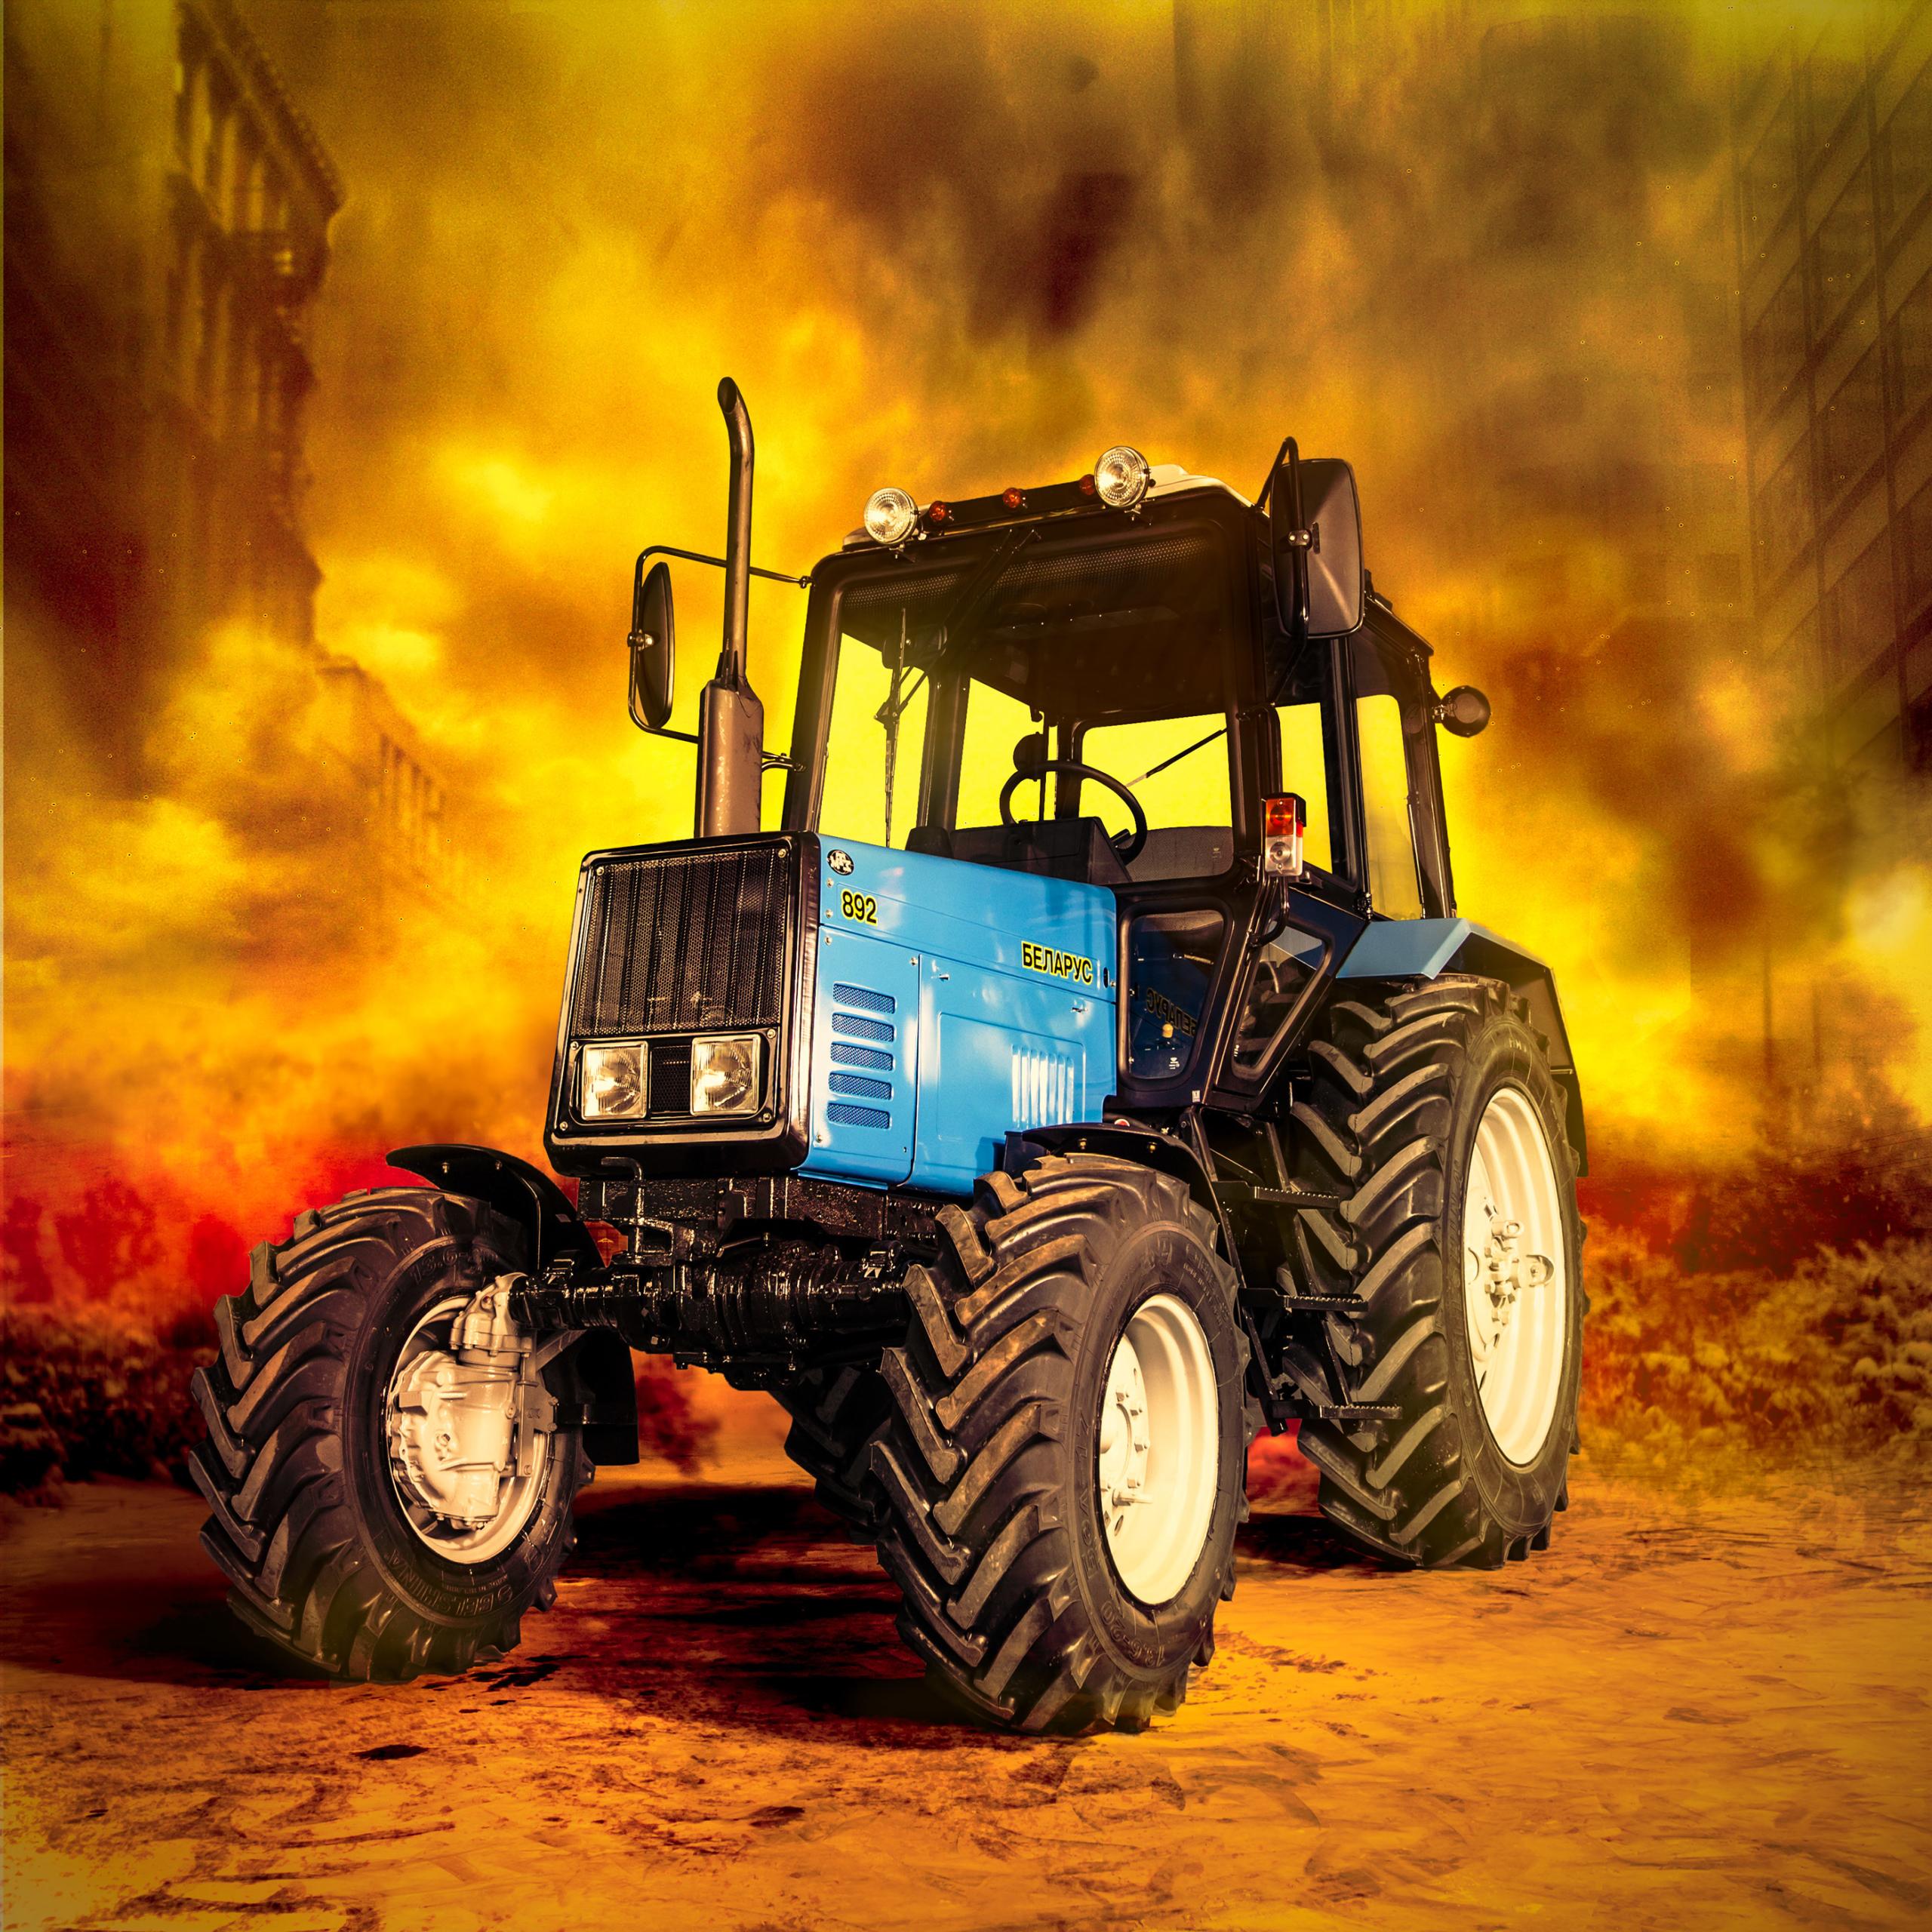 Популярность тракторов и комбайнов во время пандемии